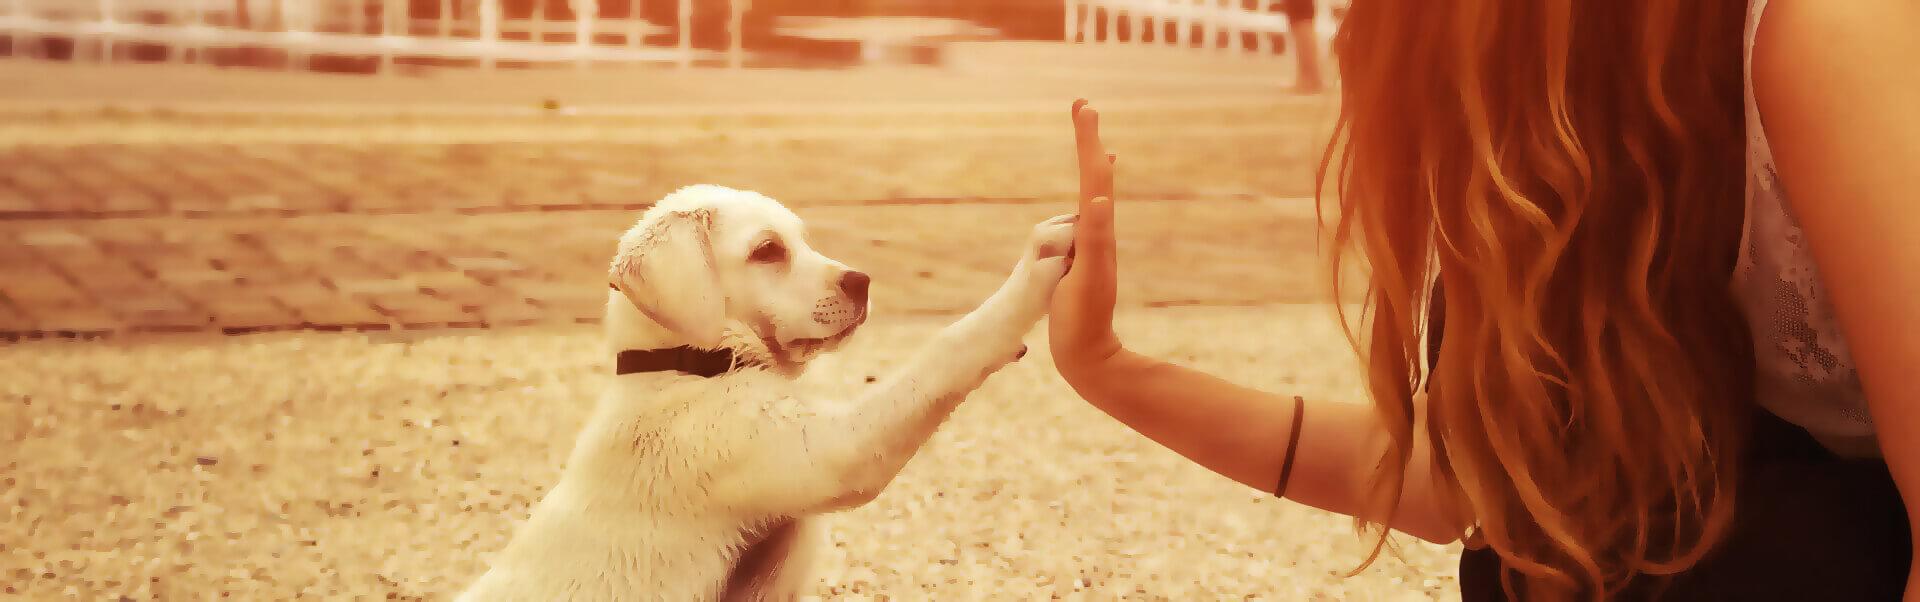 Hundeschule Header Bild